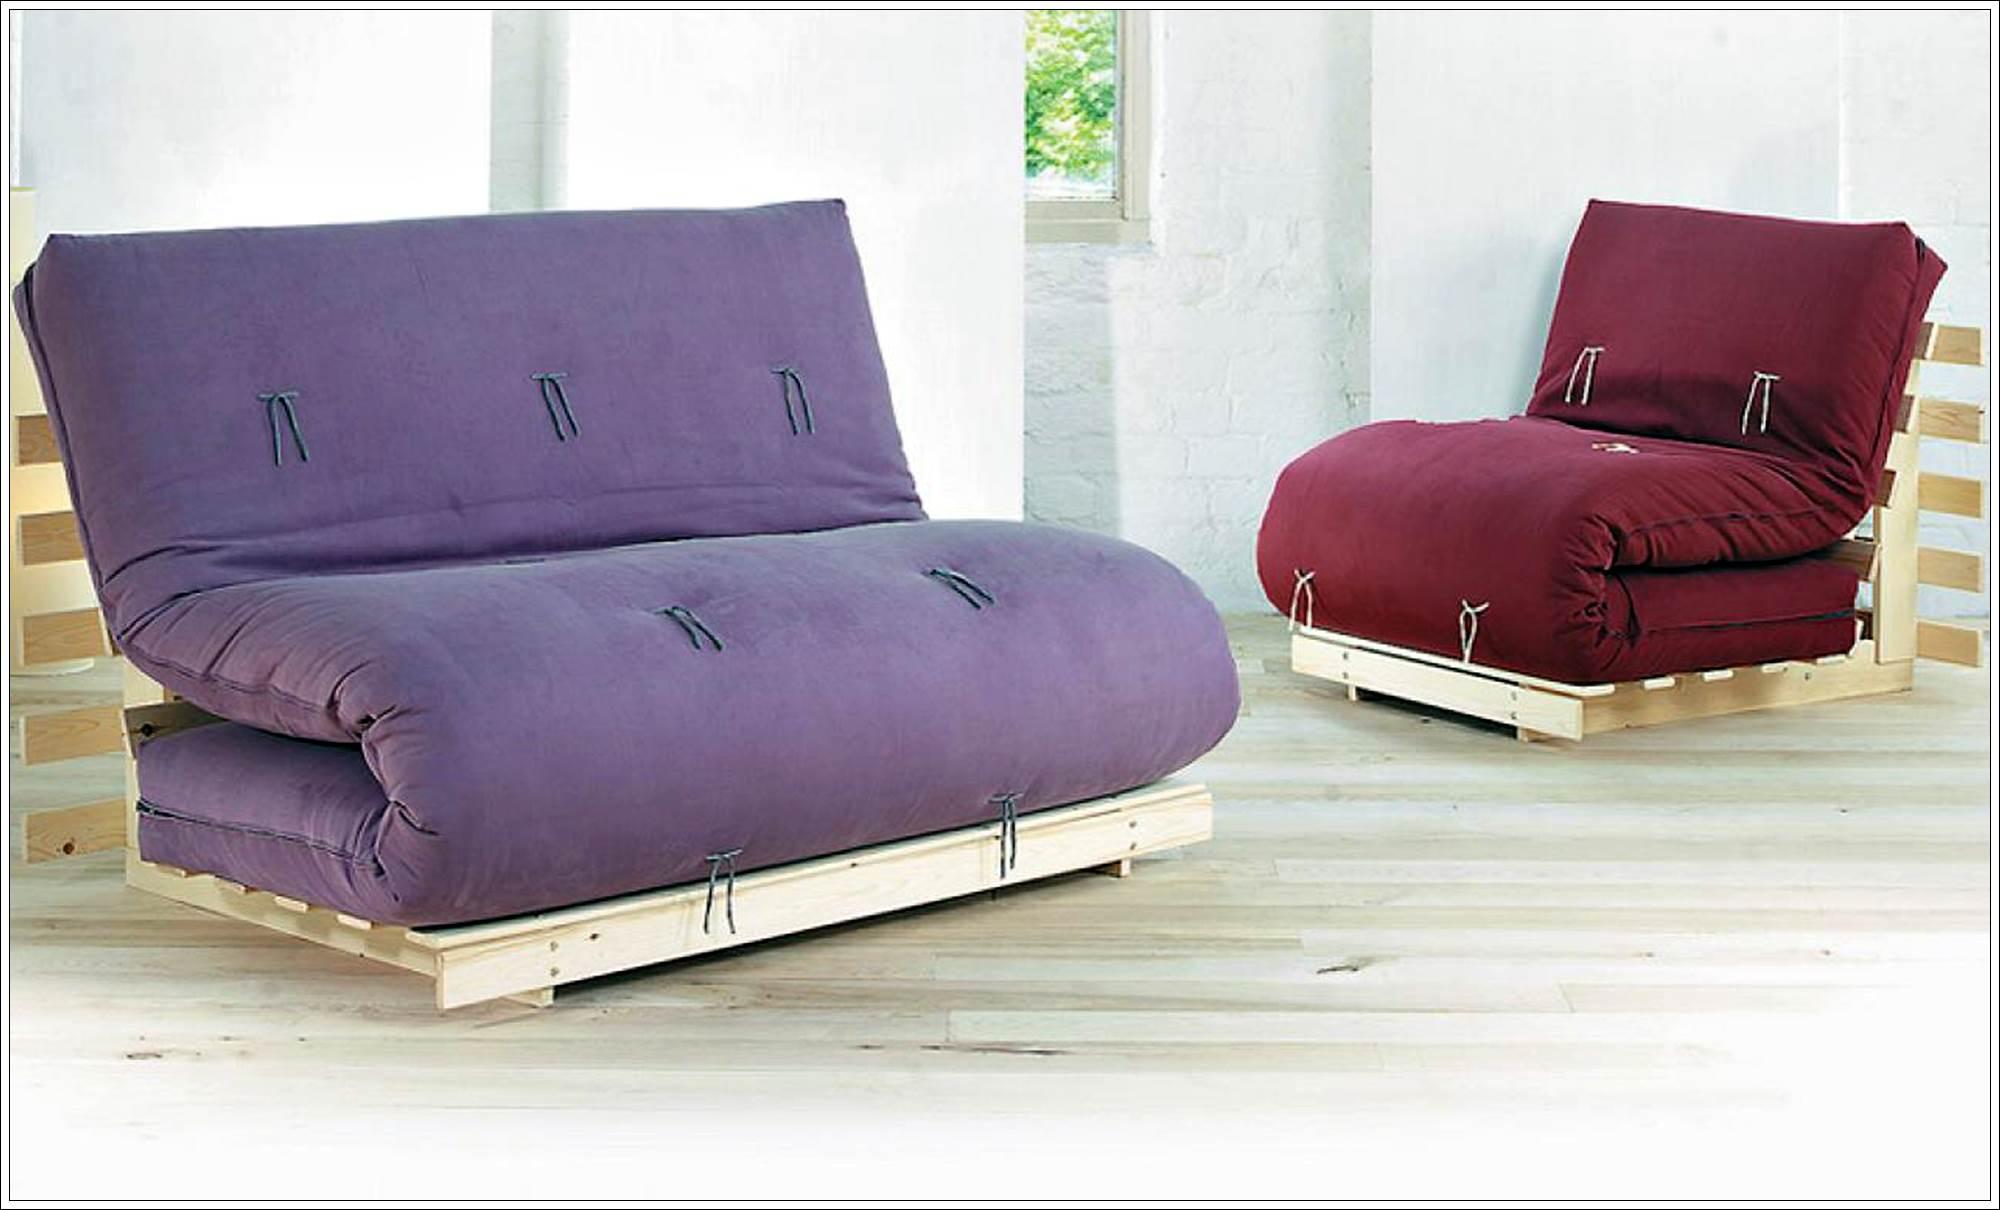 Canapé Lit Bz Ikea Frais Galerie Matelas Bz 160x200 Latest Matelas Matelas Bz Latex Strech Trs